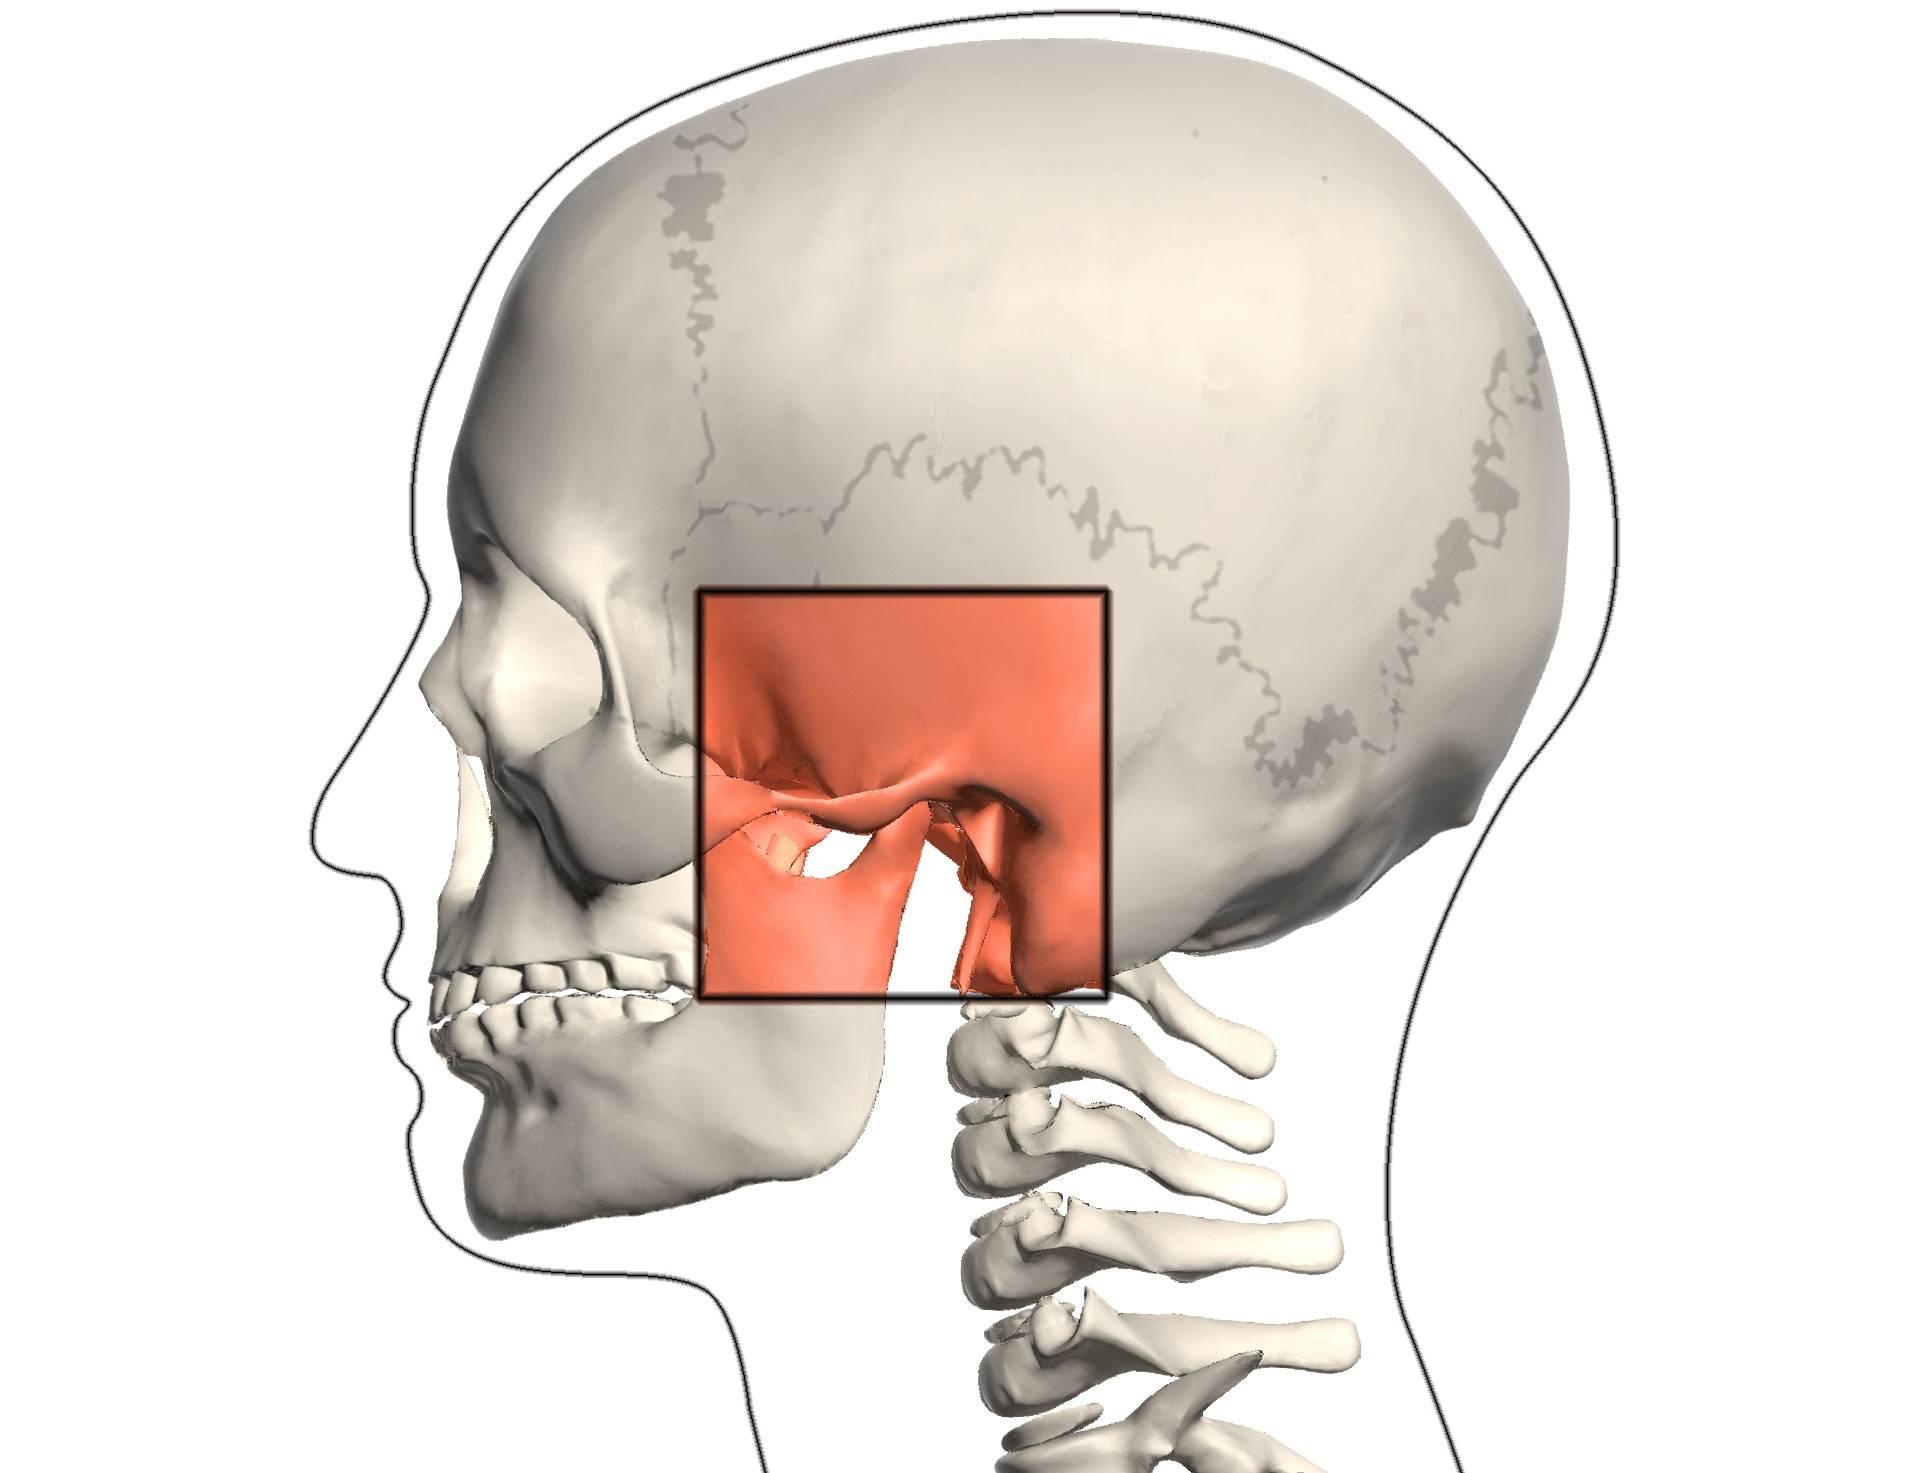 Щелкает челюсть при открытии рта: от чего это происходит и как избавиться?